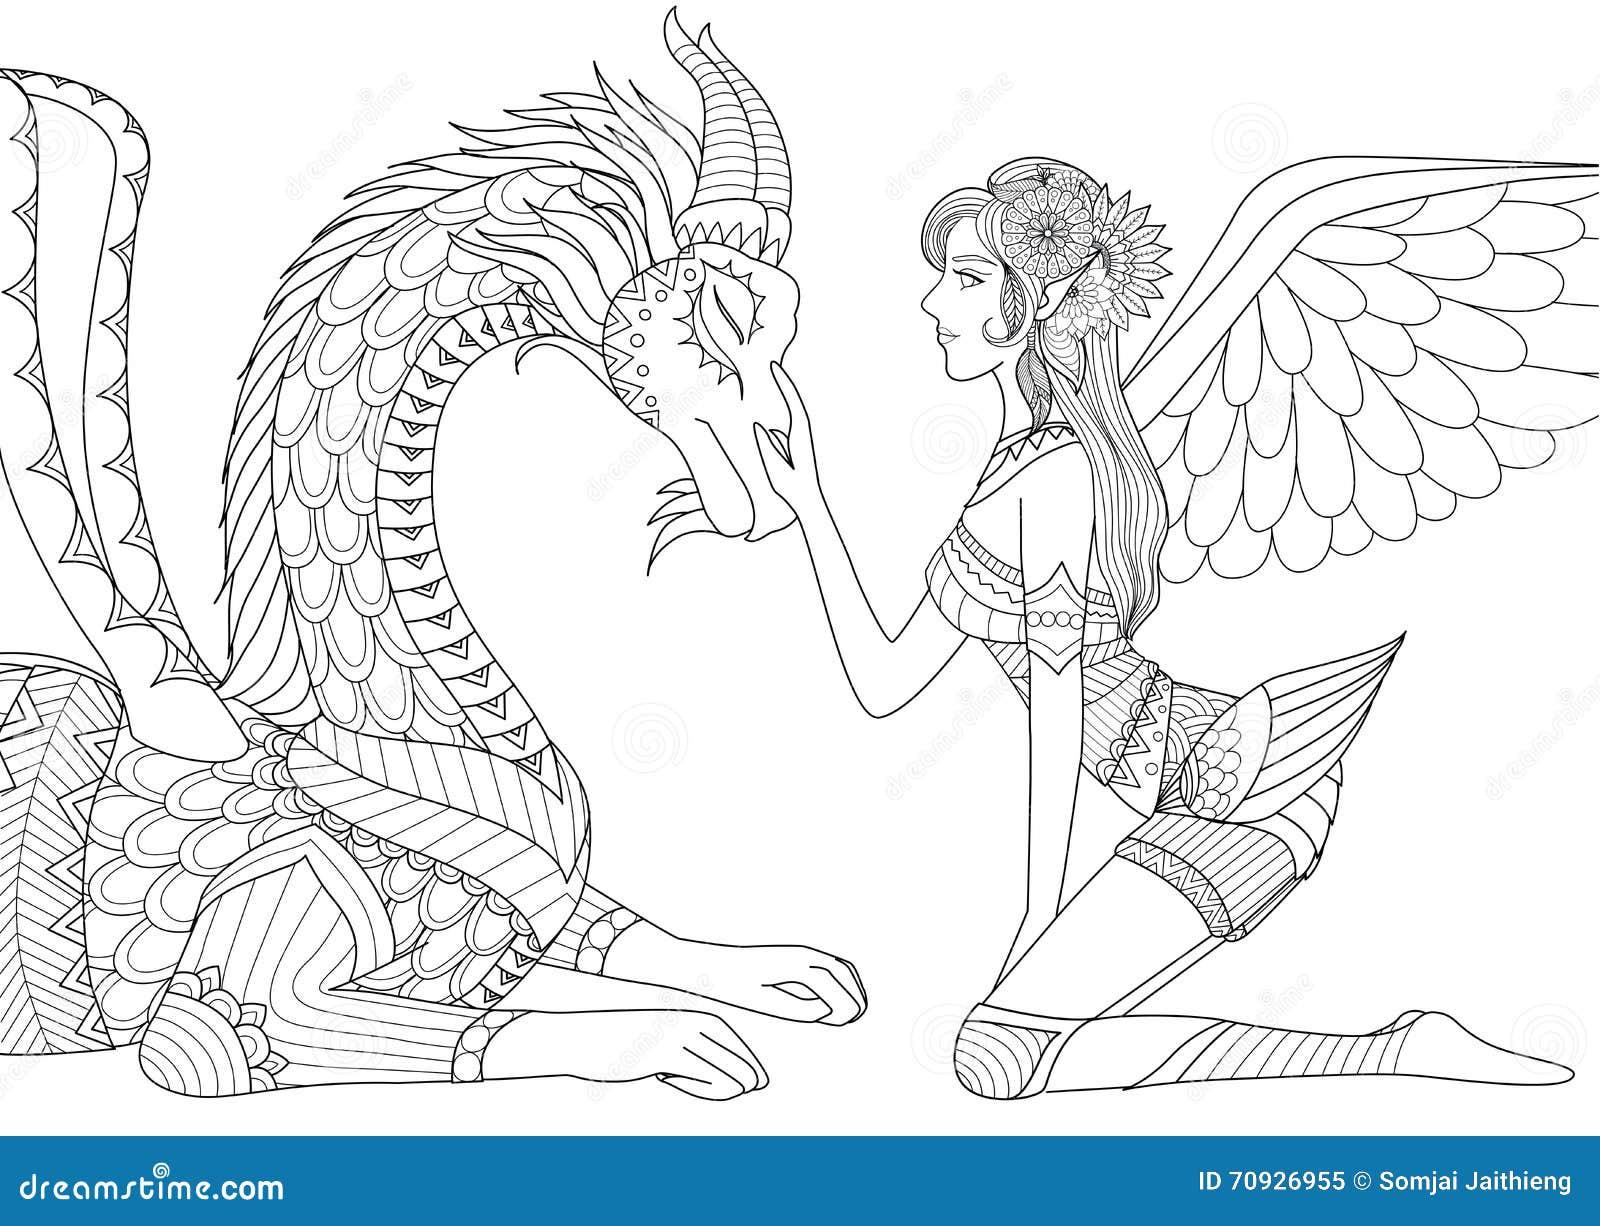 El Dragón Está En La Misericordia Del ángel Hermoso, Línea Diseño ...